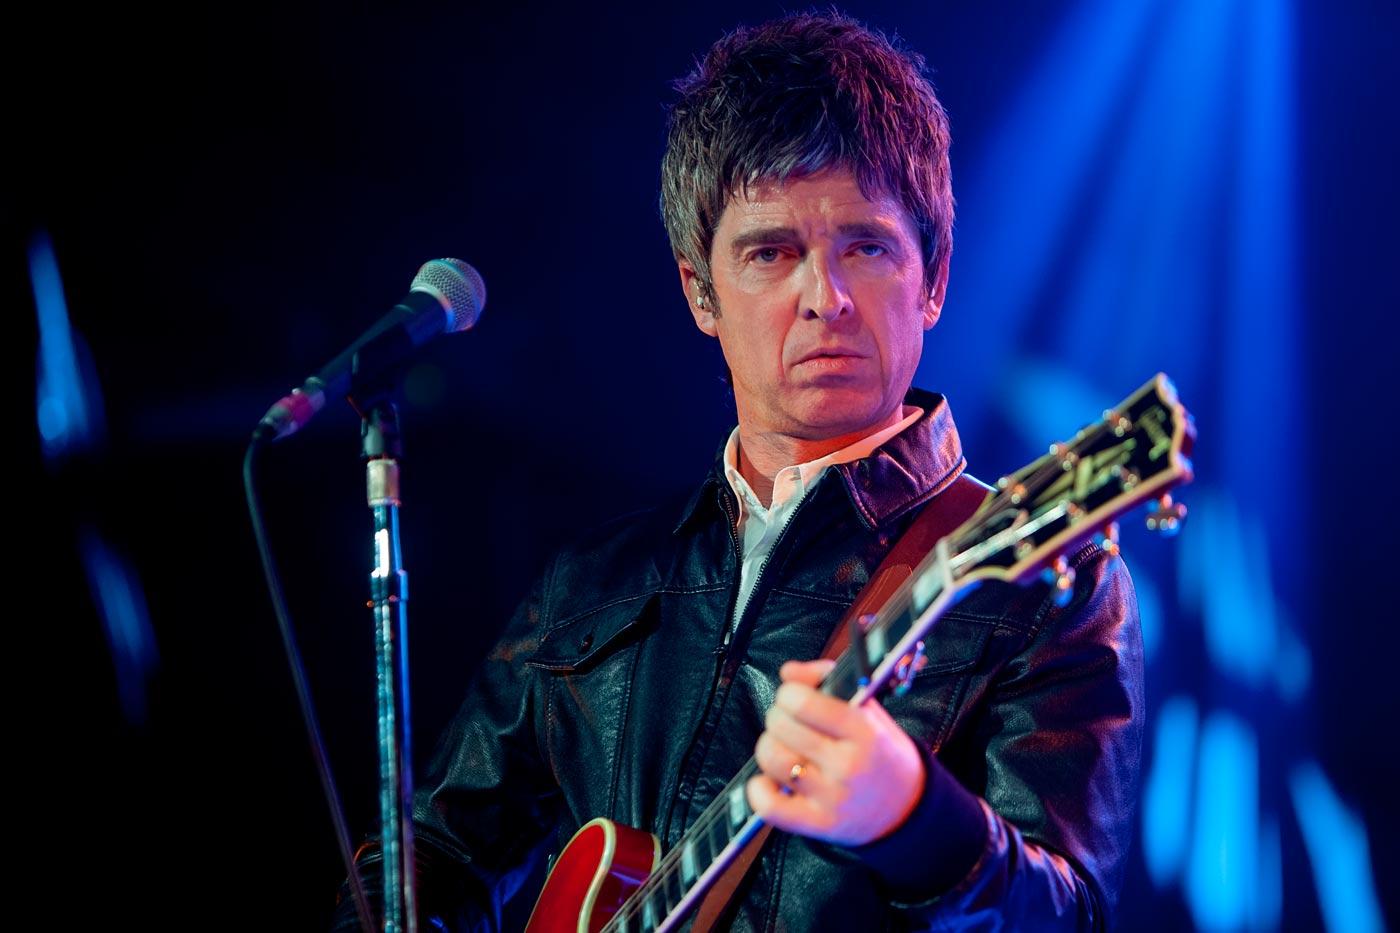 Noel Gallagher cuestiona el uso de las mascarillas